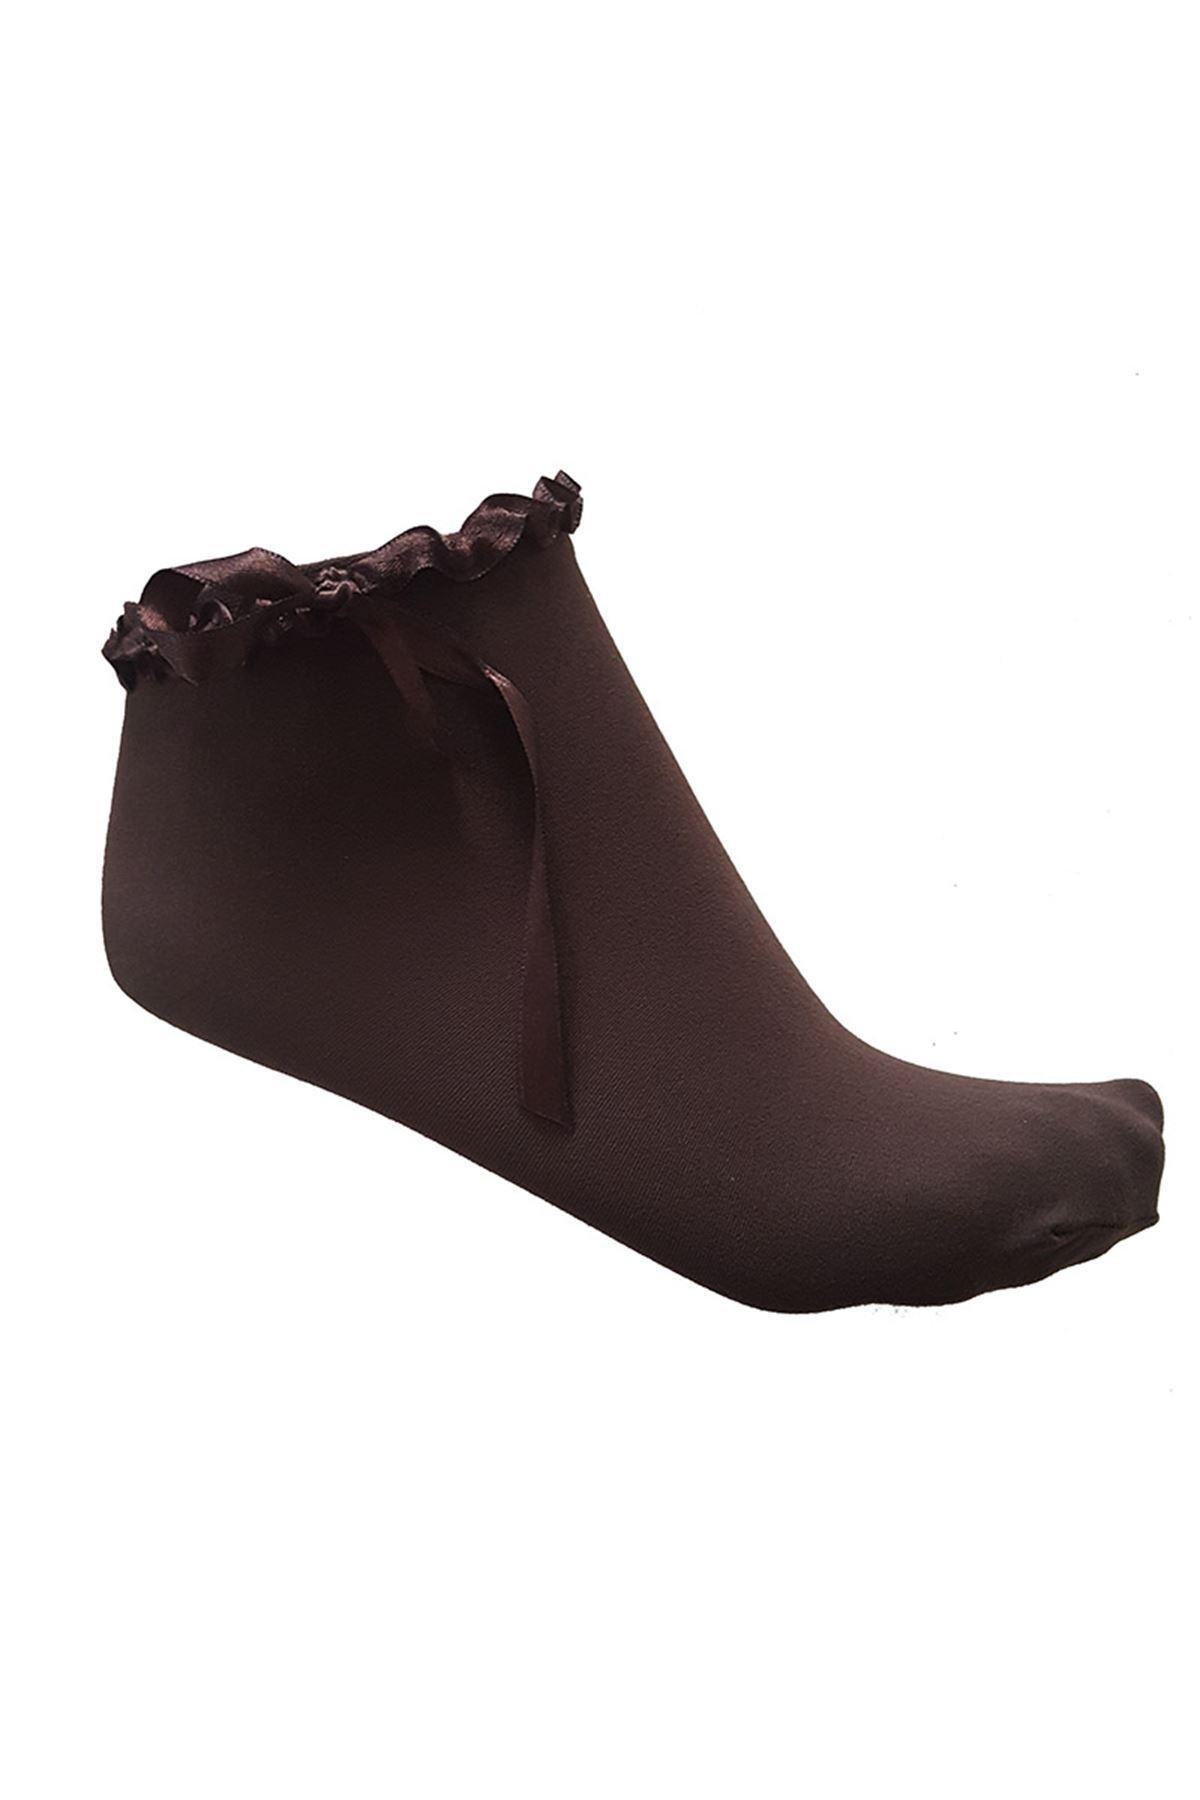 Kurdele Detaylı Çorap 11A-56986